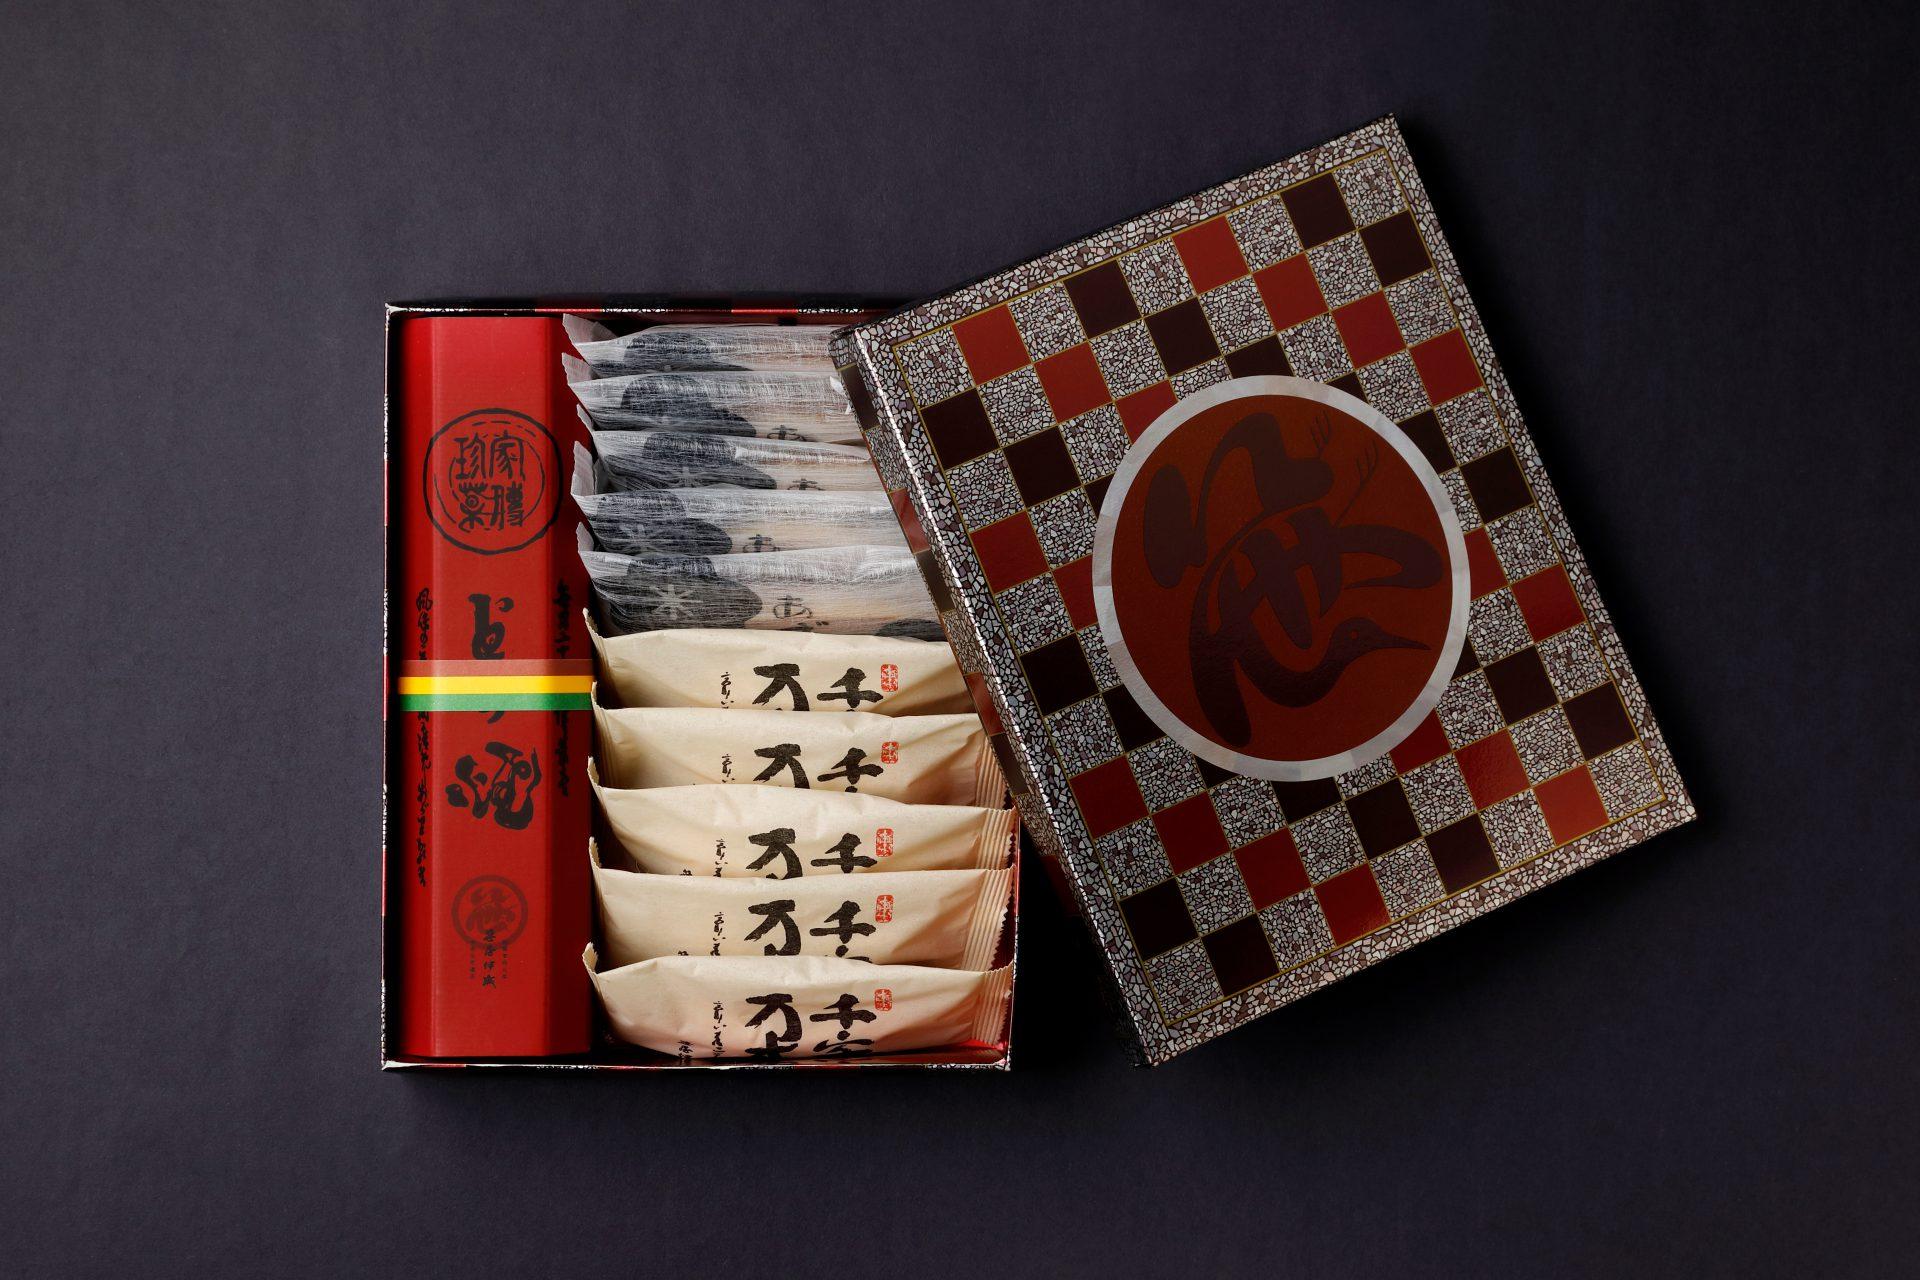 【明治維新150年記念】代表銘菓 どら焼 詰合せ【行器入】